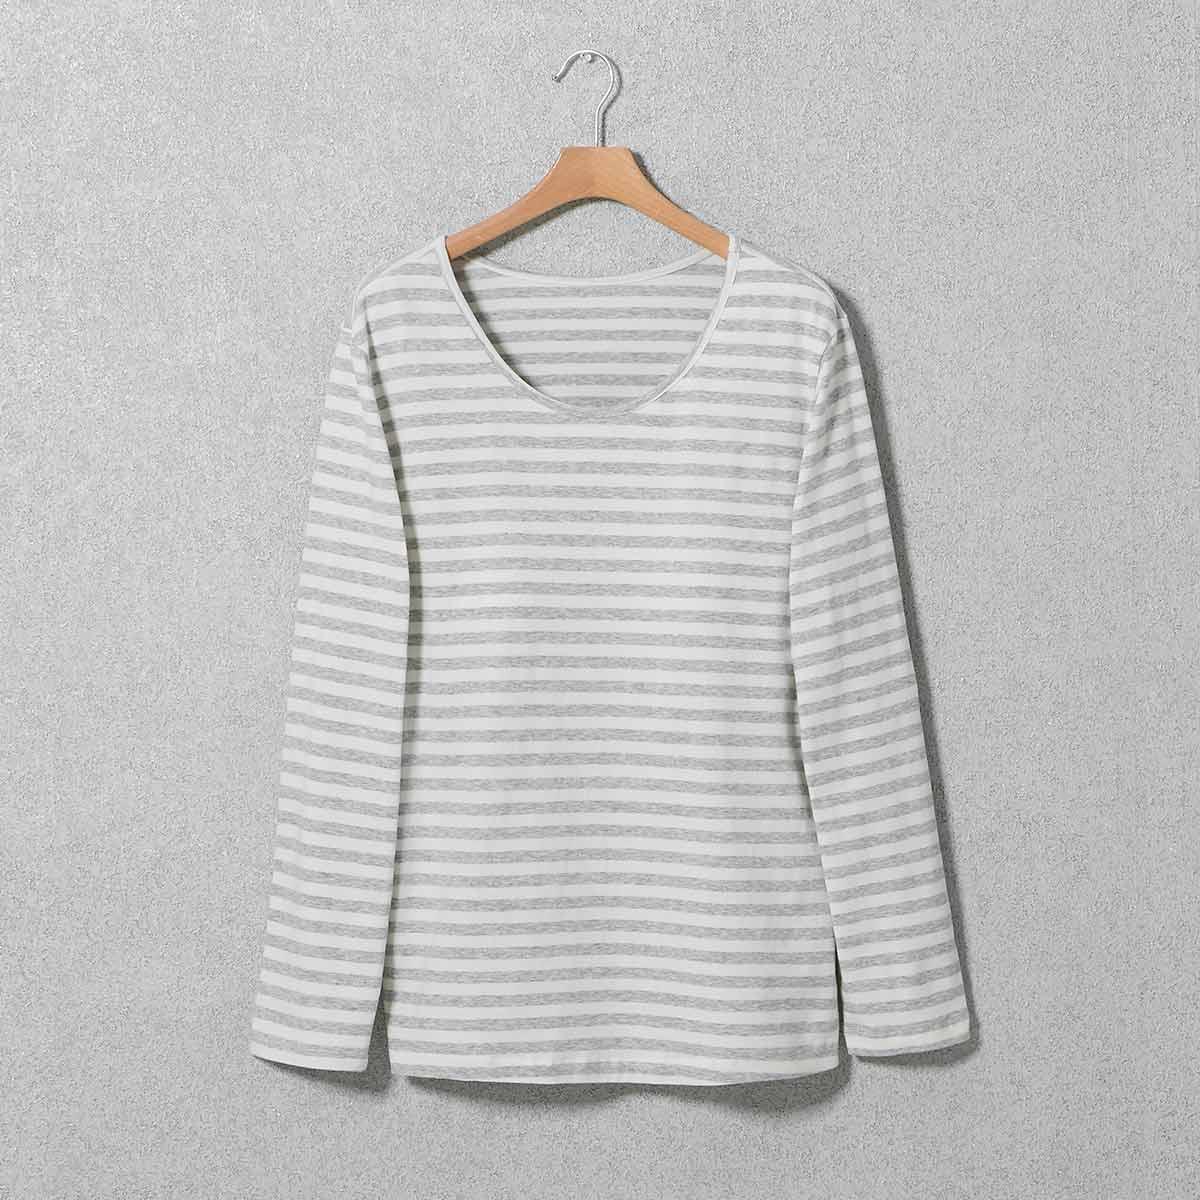 선염 스트라이프 몰드 티셔츠(SEVC605F)